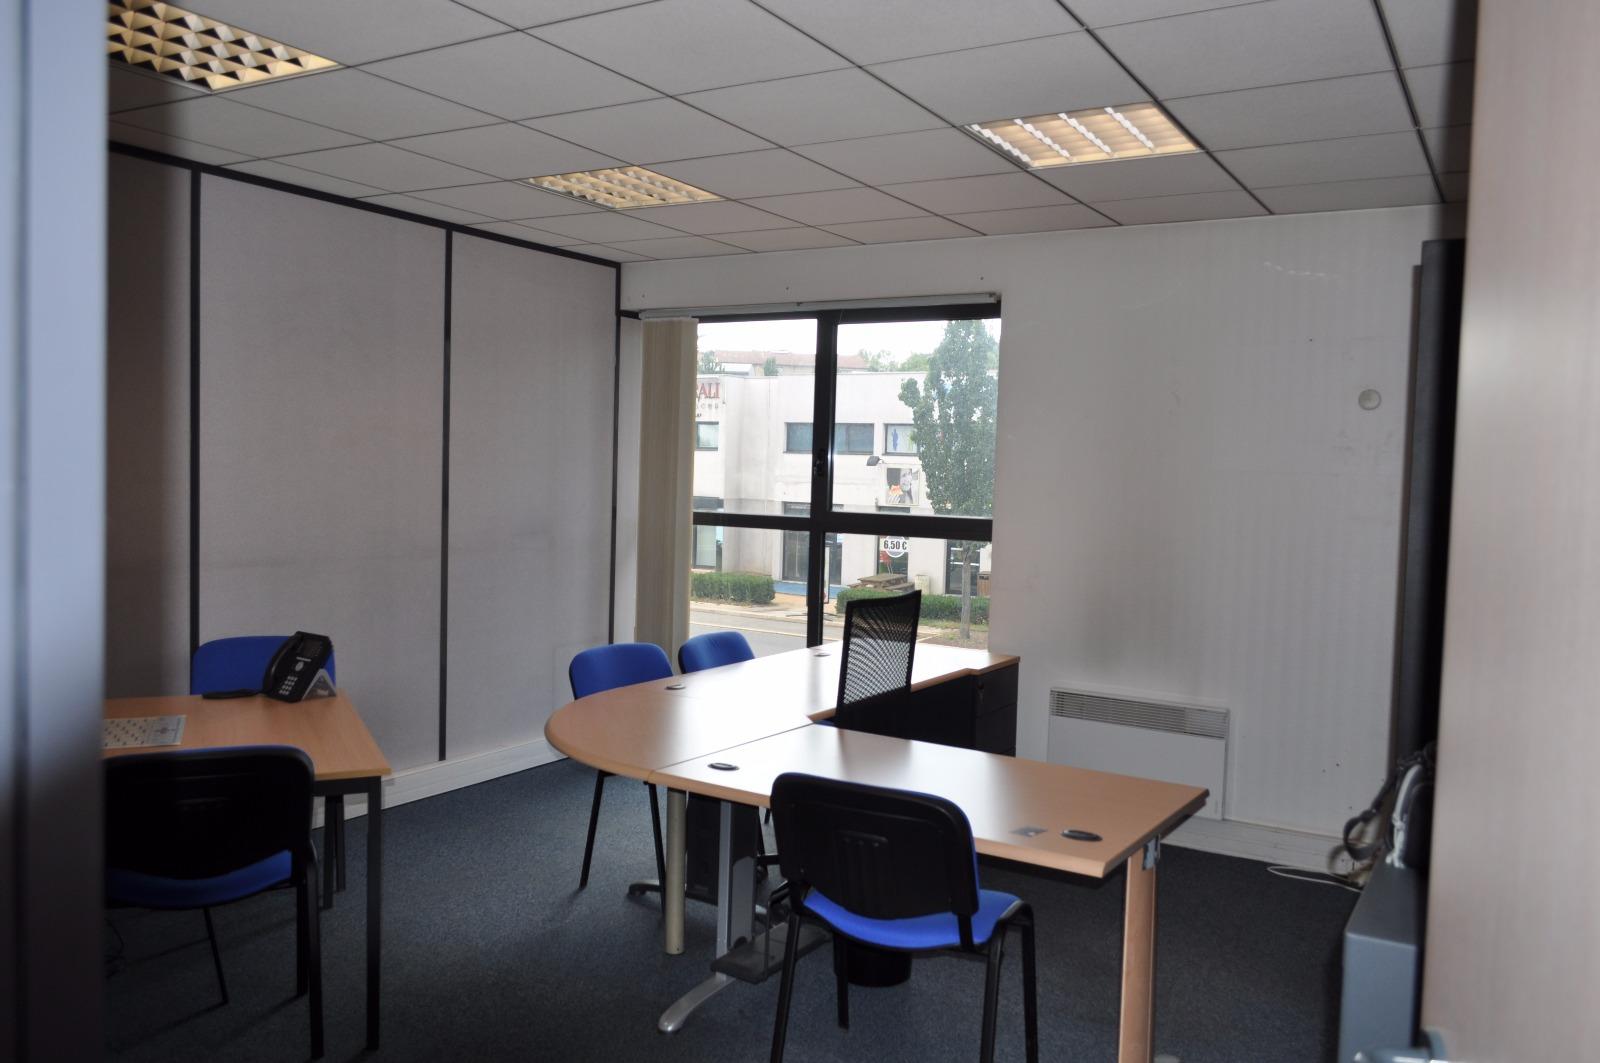 Vente immobilier professionnel 256 m2 de bureaux avec - Bureau de vente immobilier ...